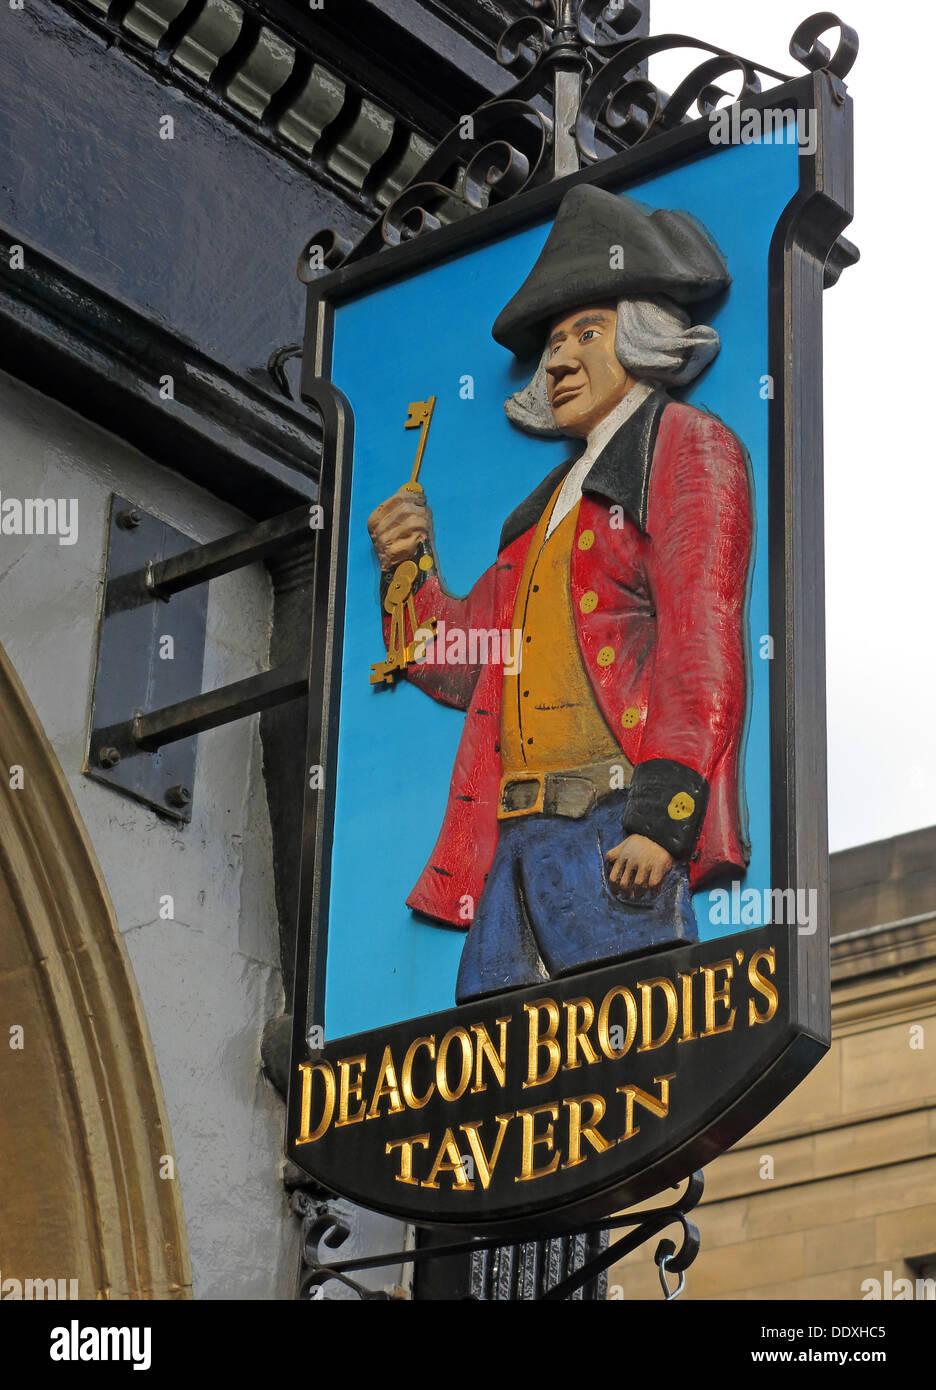 Laden Sie dieses Alamy Stockfoto Diakon Brodies Taverne Zeichen, Royal Mile, EDN, Stadt von Edinburgh, Schottland, UK - DDXHC5